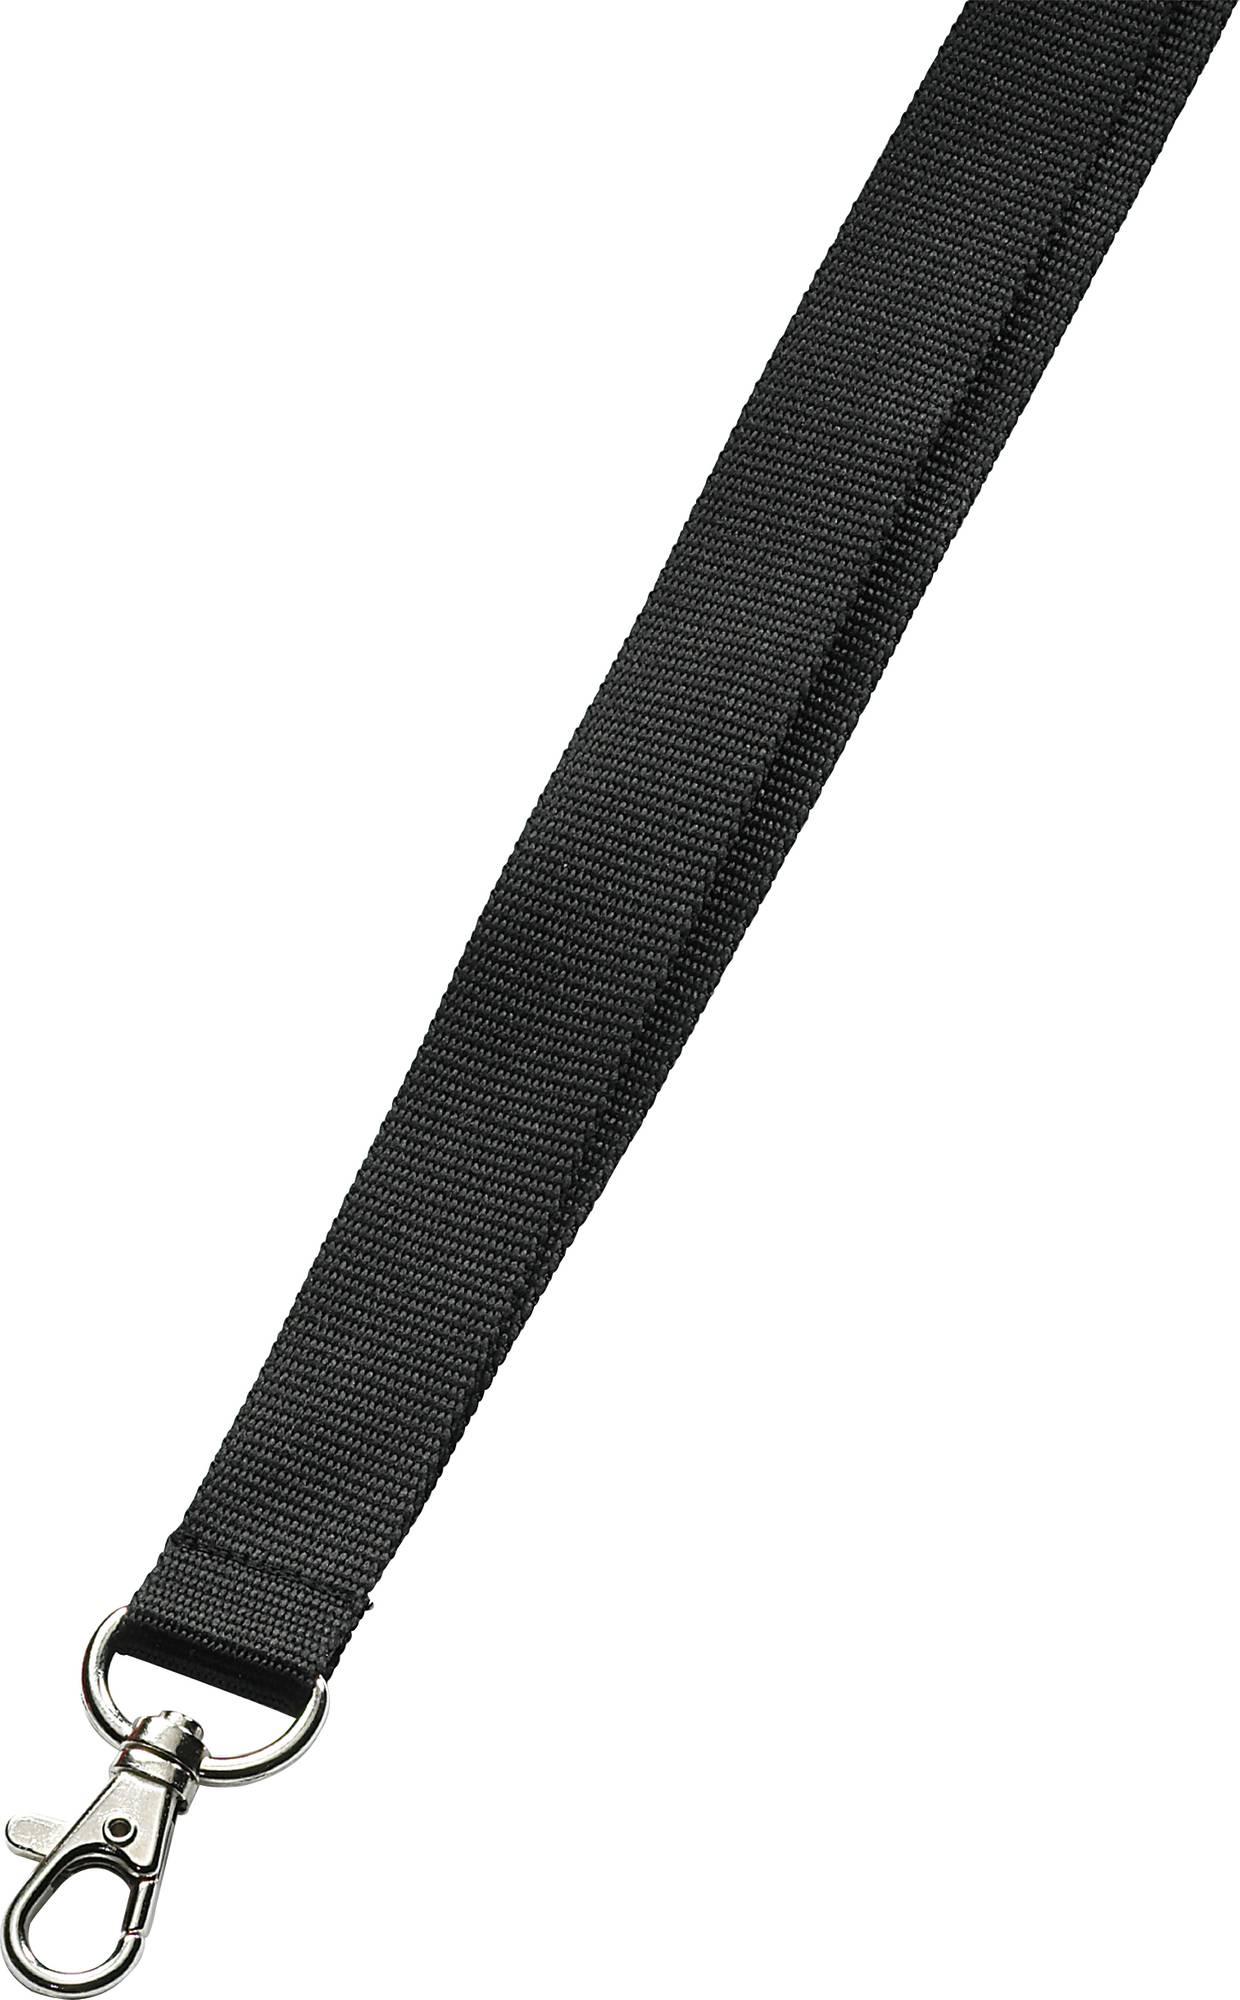 Schwarzes Umhängeband mit Karabinerhaken, 20 mm